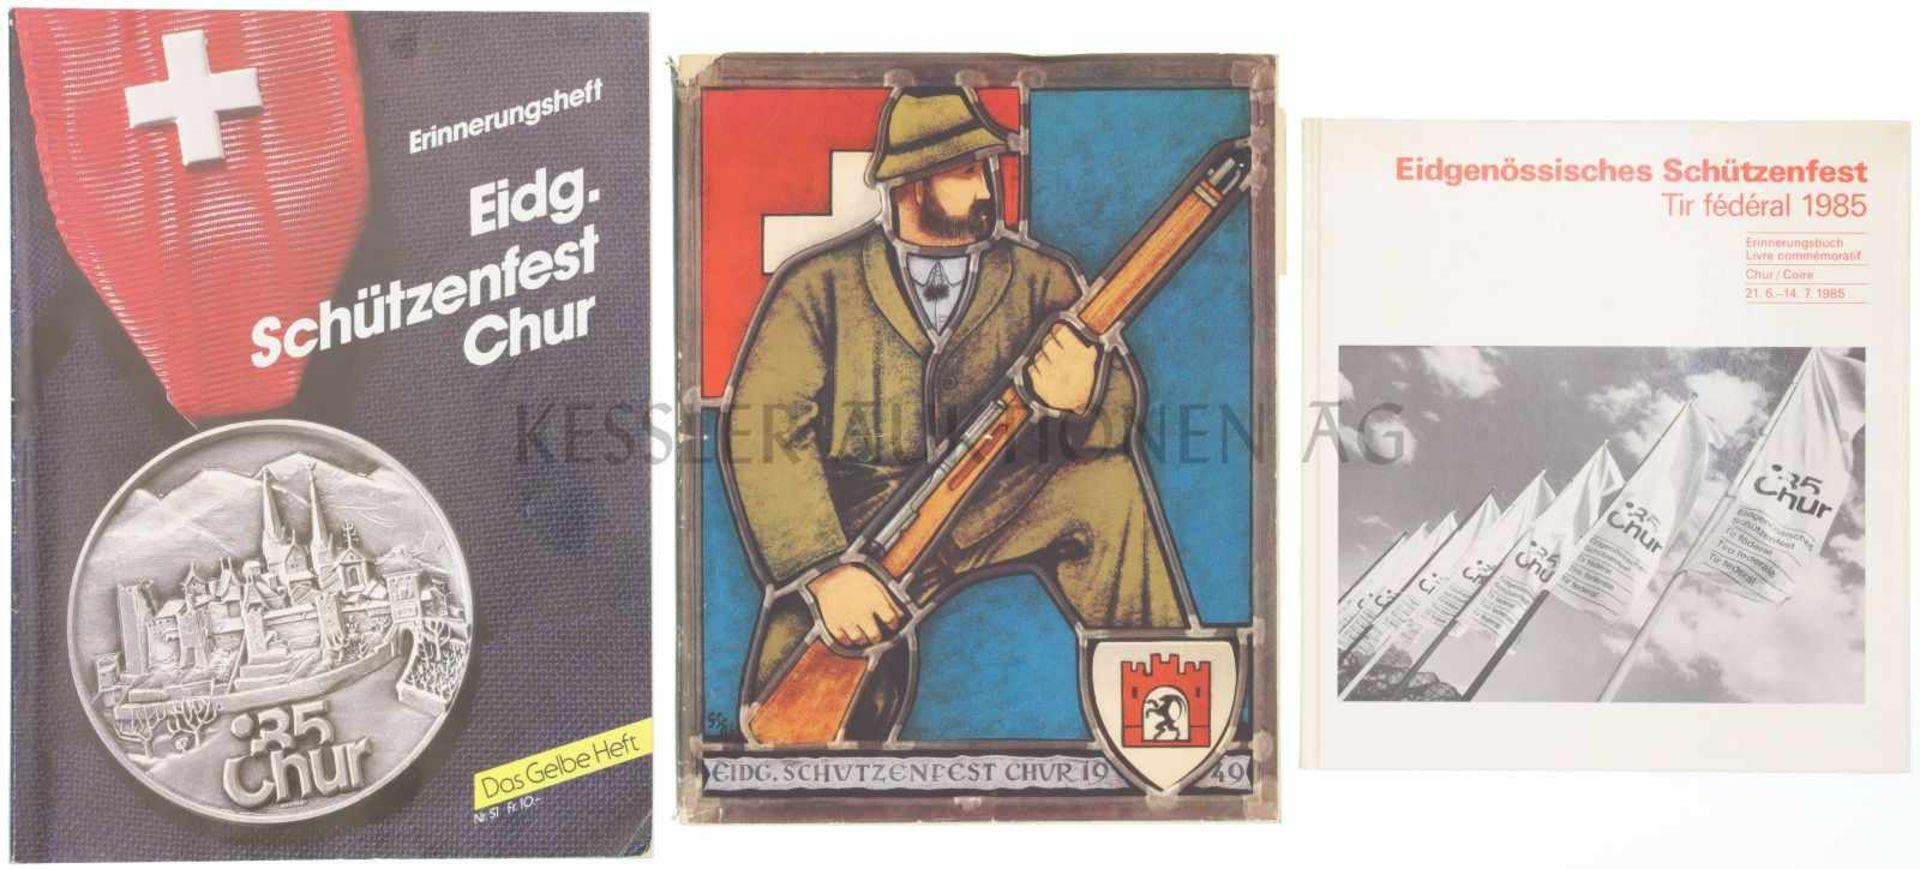 Los 29 - Konvolut von 2 Büchern und einem Heft zu Eidgenössischen Schützenfesten in Chur 1. Das 45.Eidg.